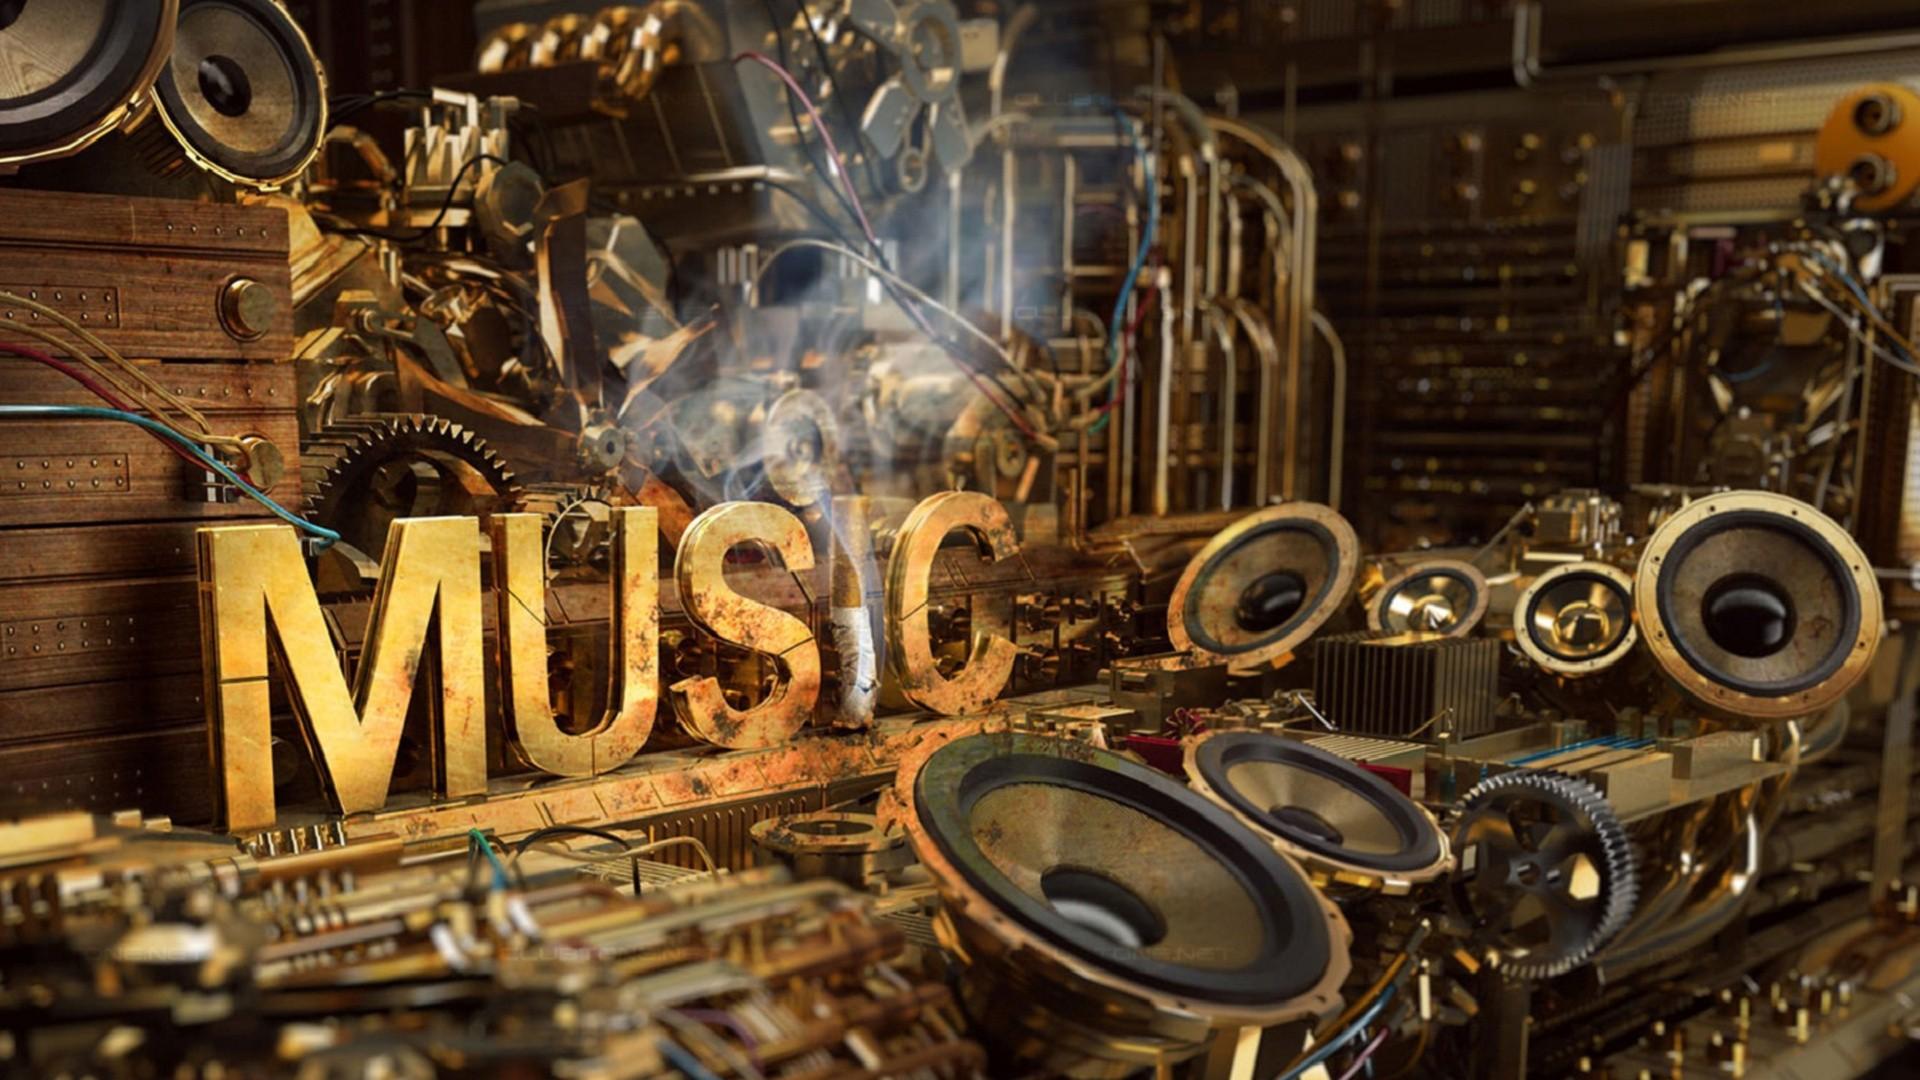 accueil musique fonds d'écran hd musique, steampunk, métal